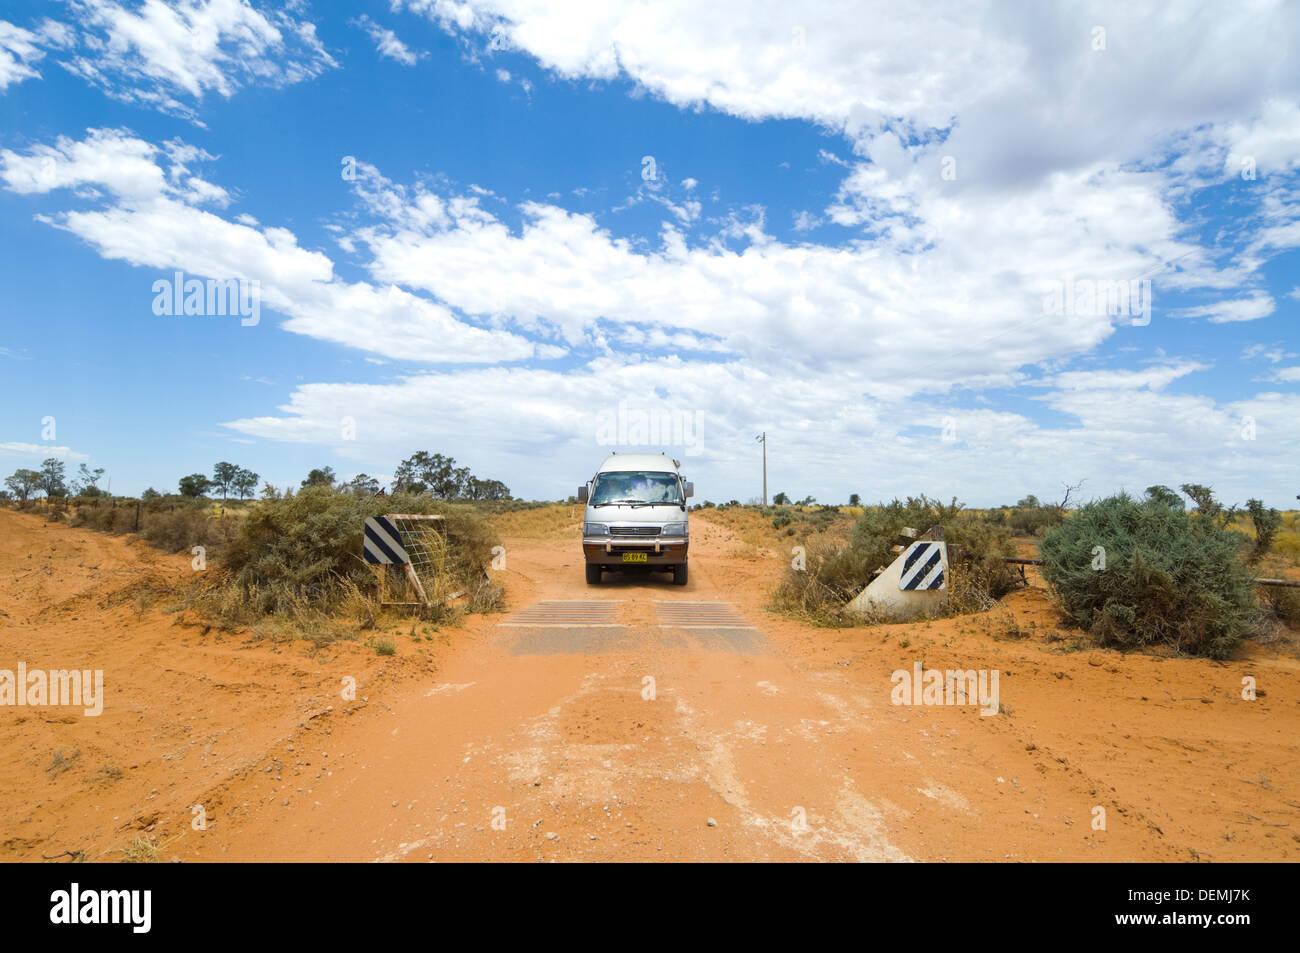 Aller sur une grille de bétail sur un chemin de terre dans une Toyota Hiace campervan, Mungo National Park, New South Wales, Australie Banque D'Images